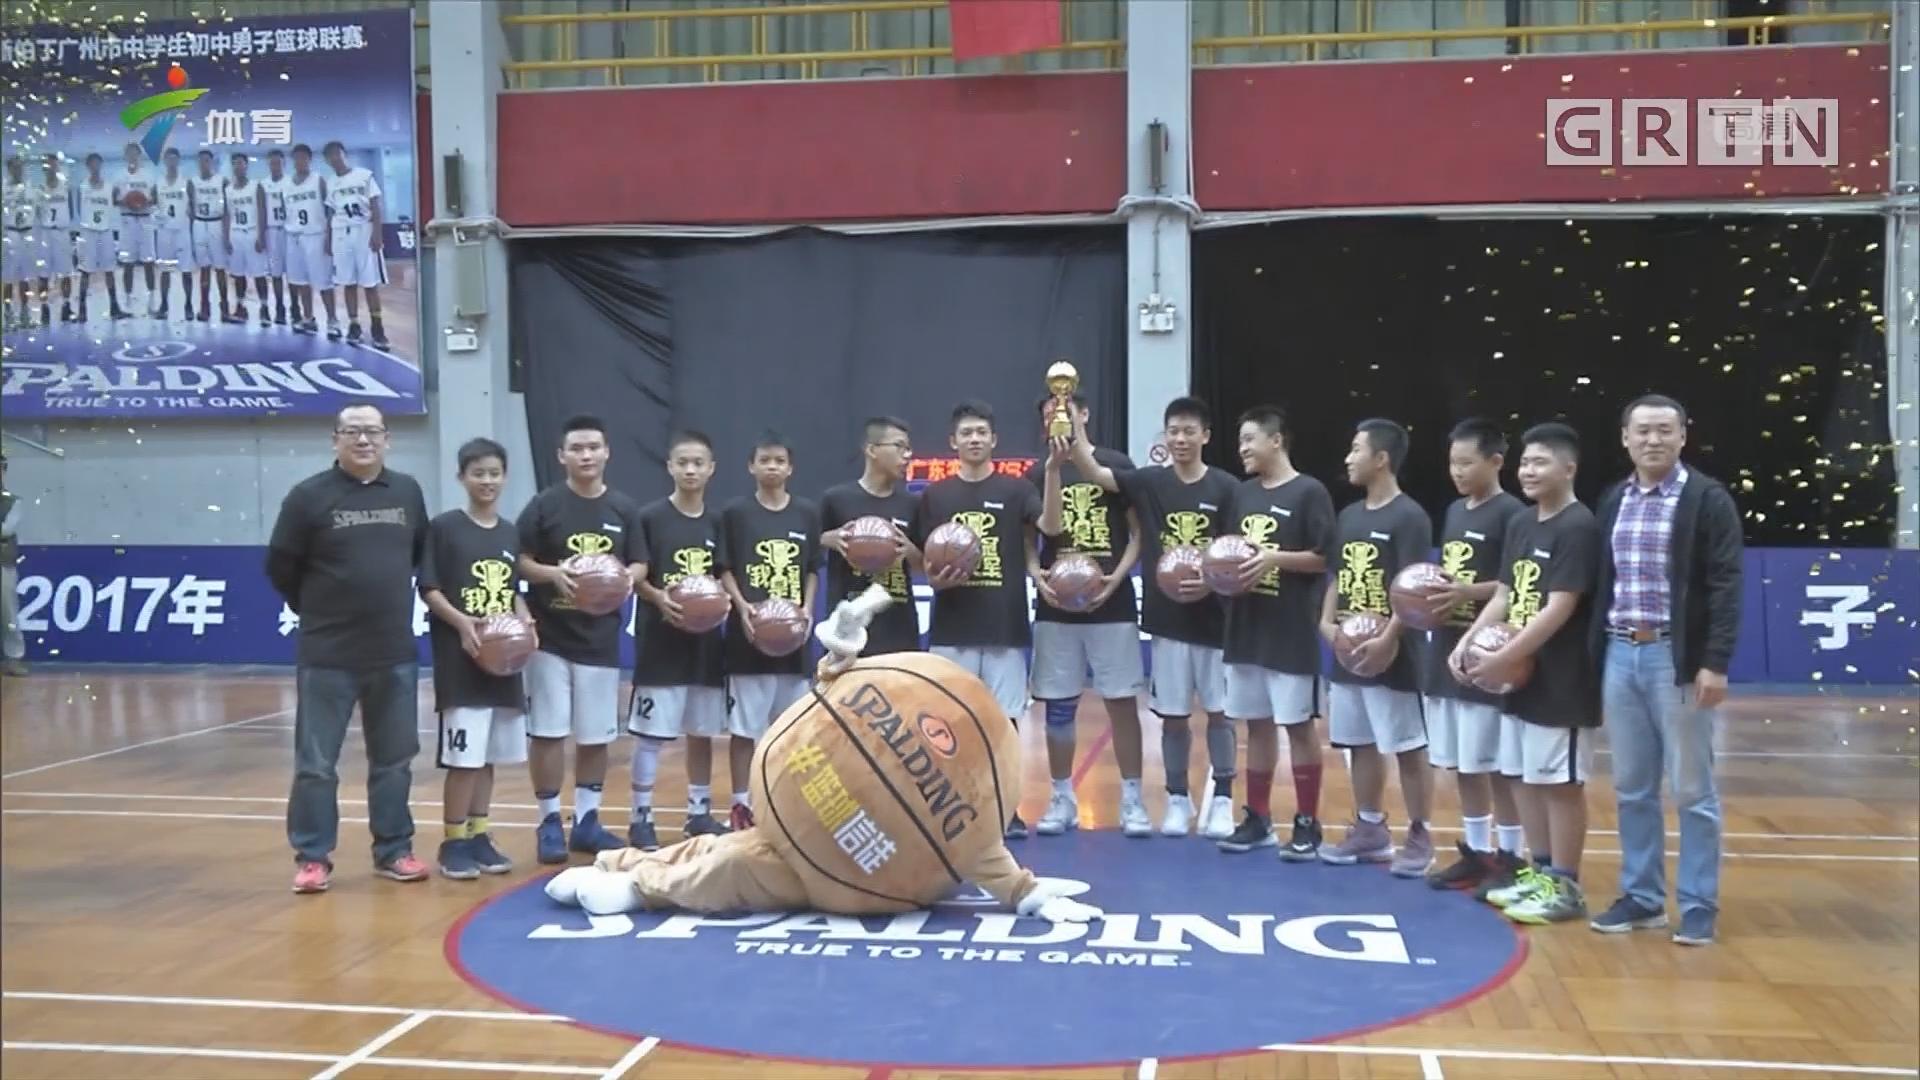 2017年广州市初中男子篮球联赛圆满落幕